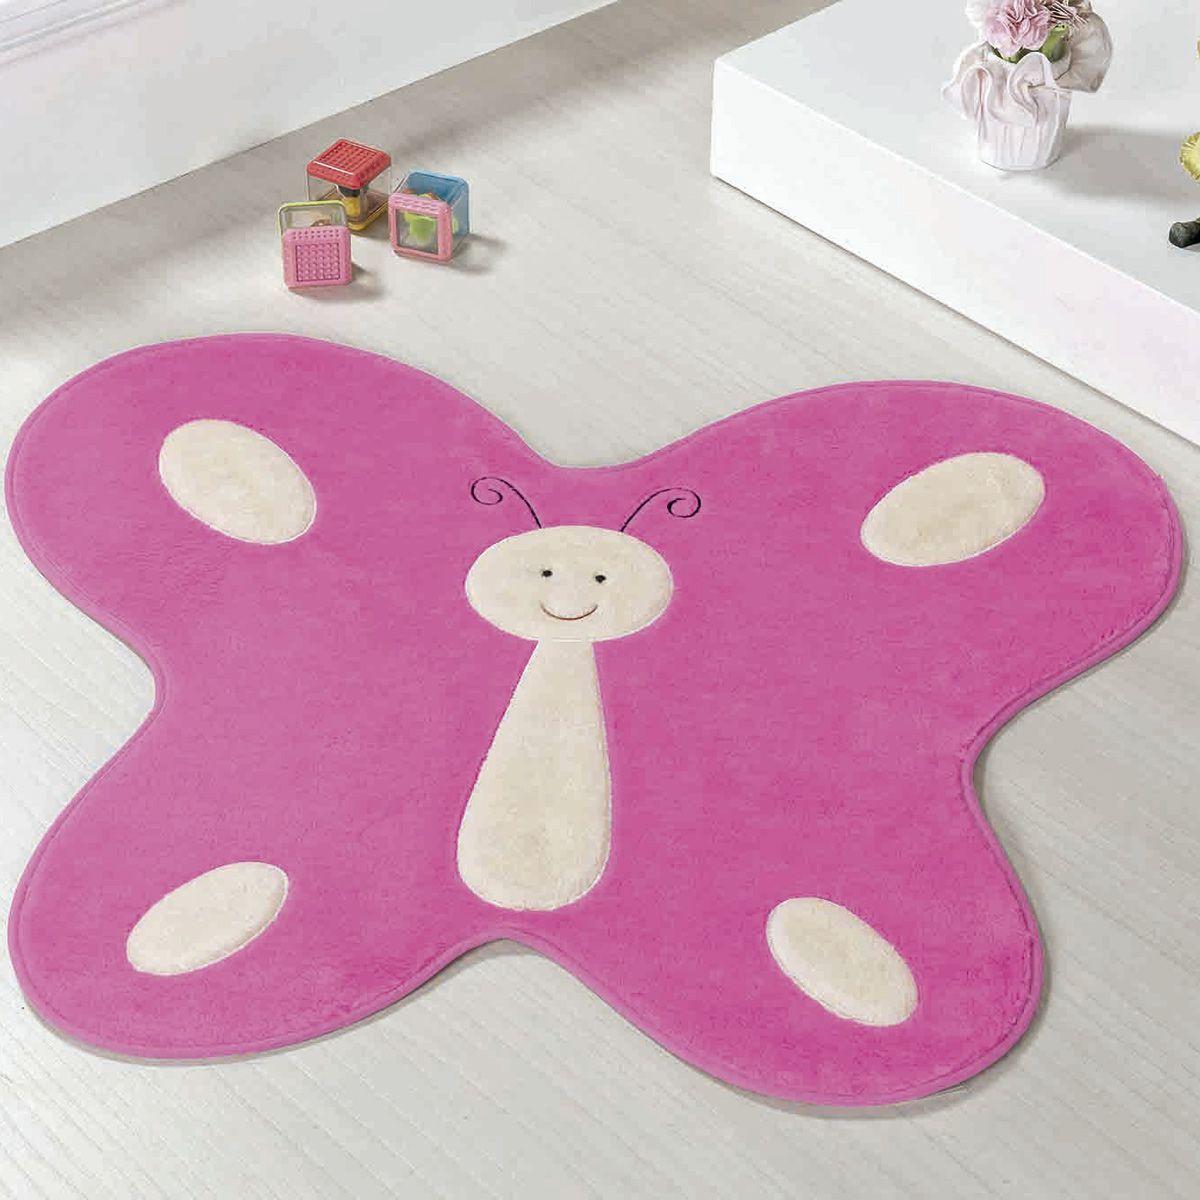 Tapete Big Infantil Premium Formato Borboleta Feliz Pink 1,14m x 0,88m